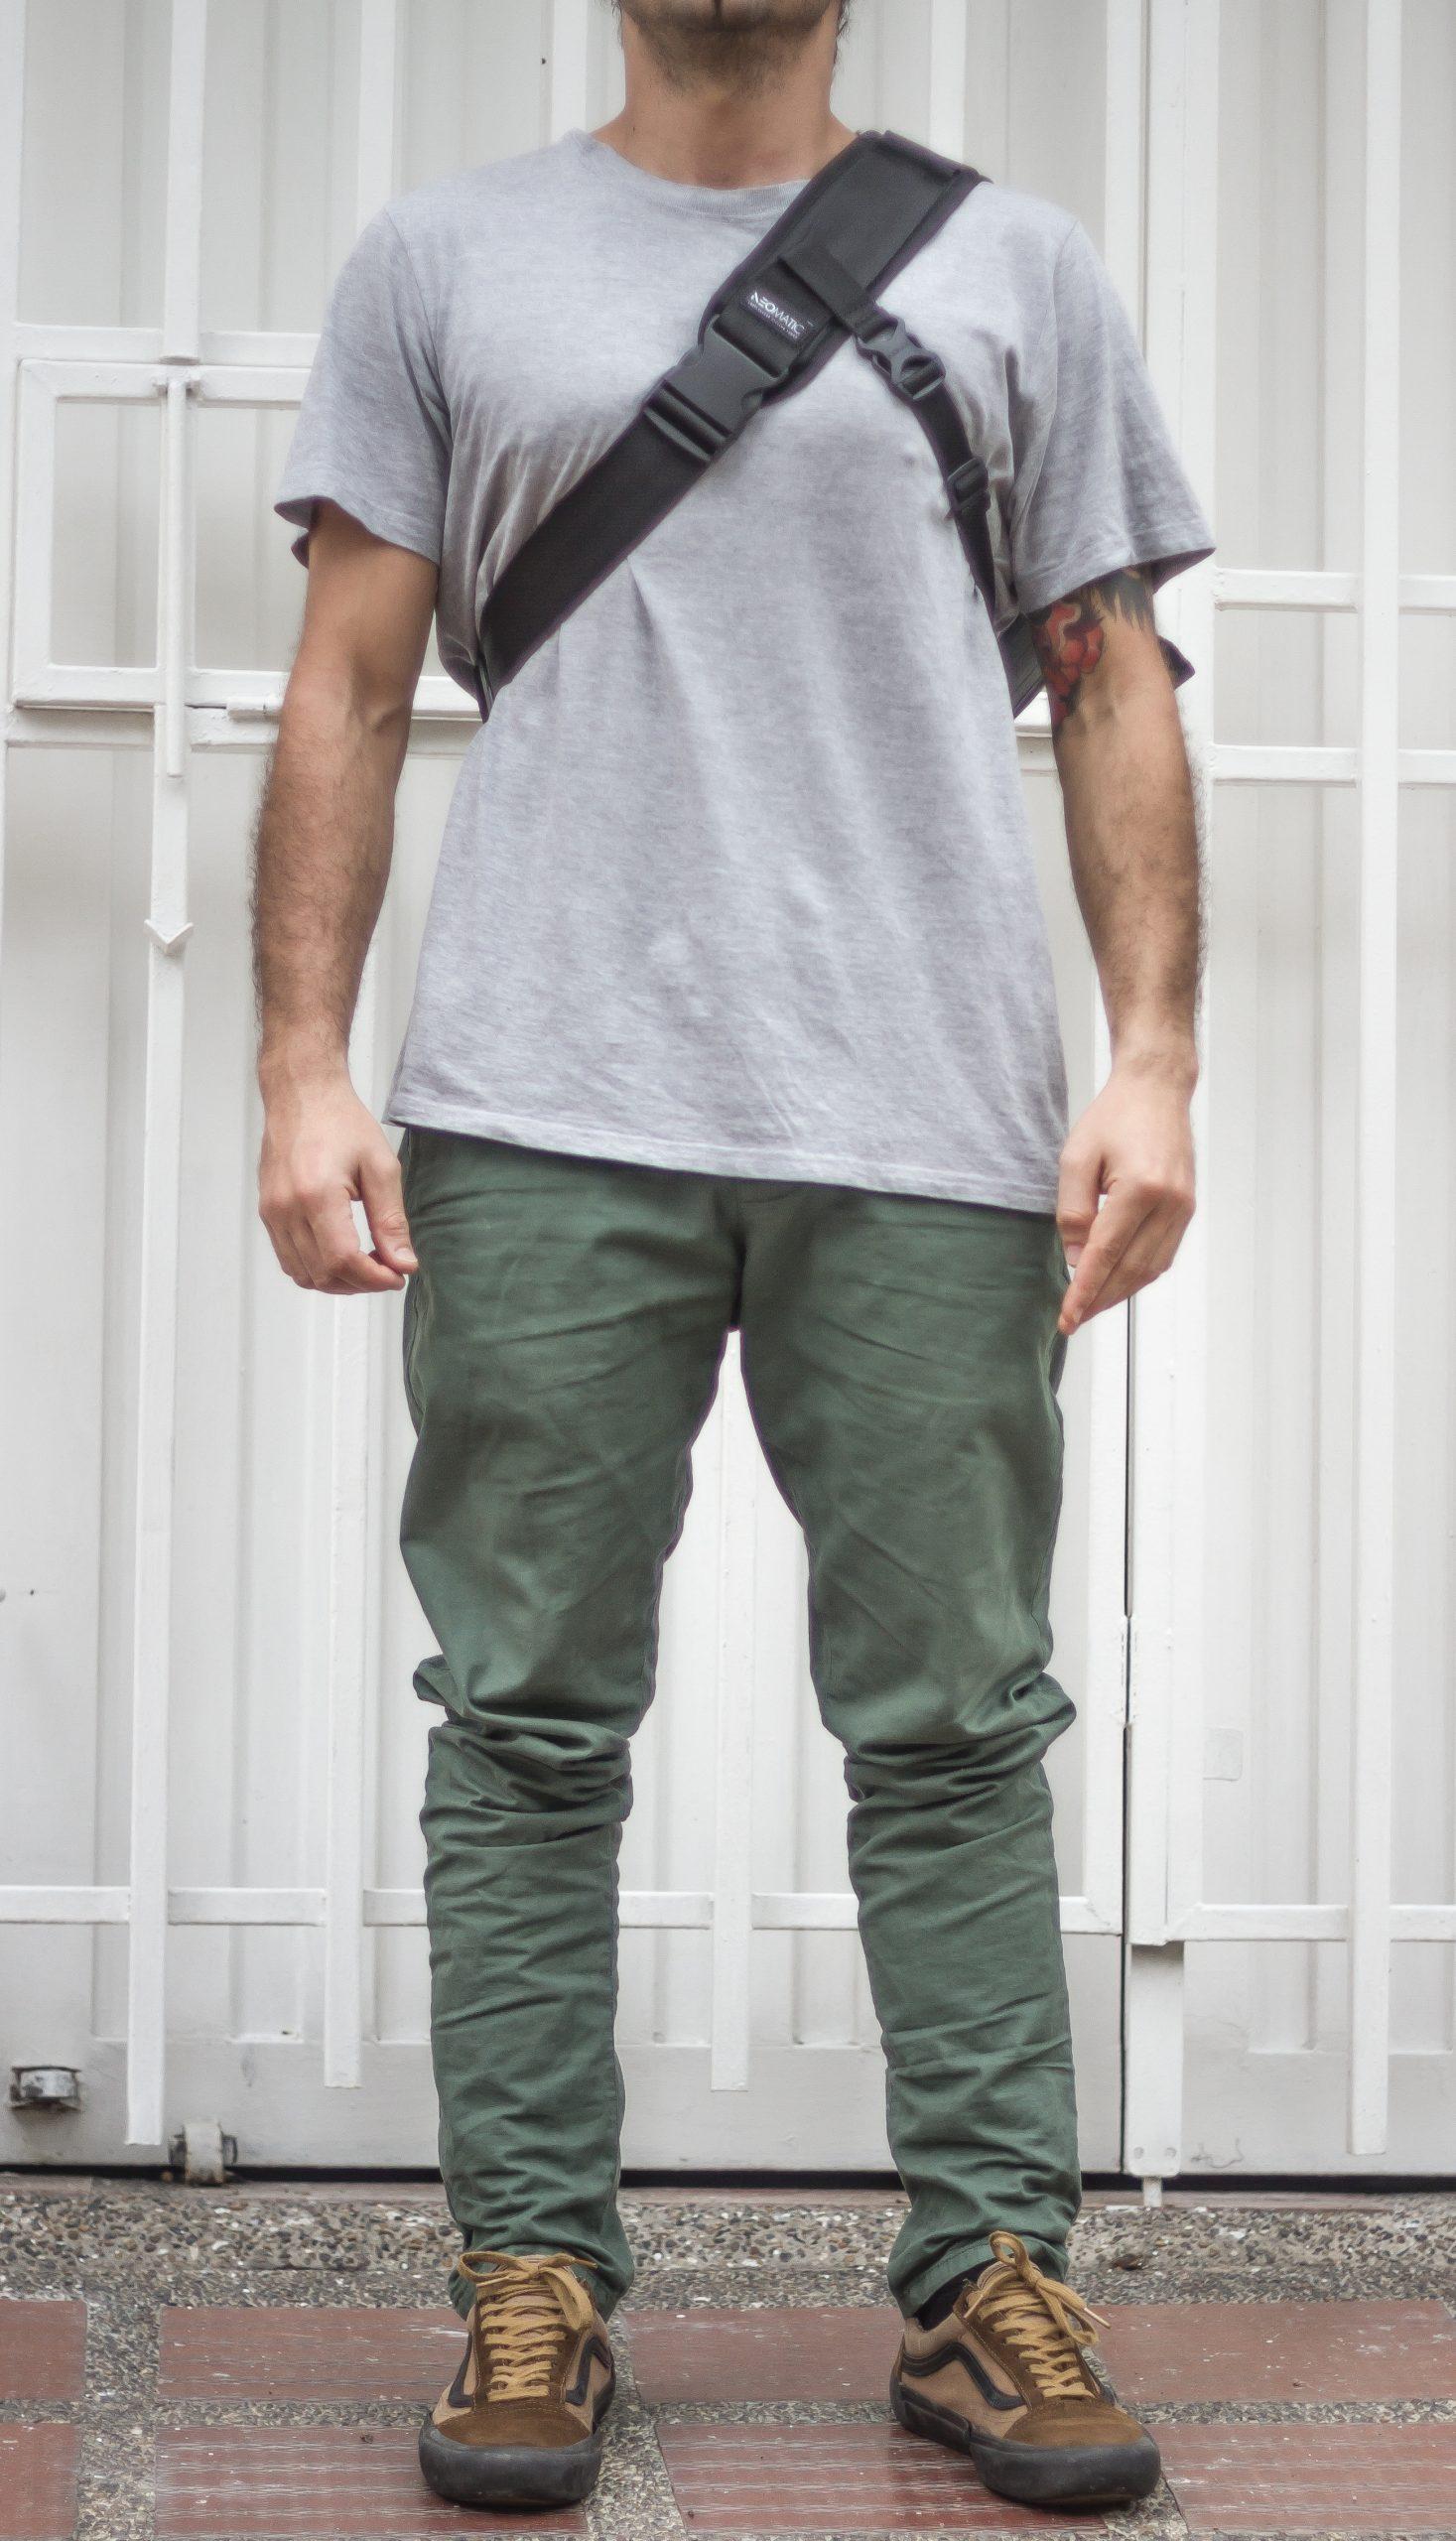 NeoMatic Asphalt Messenger Bag Sling Bag